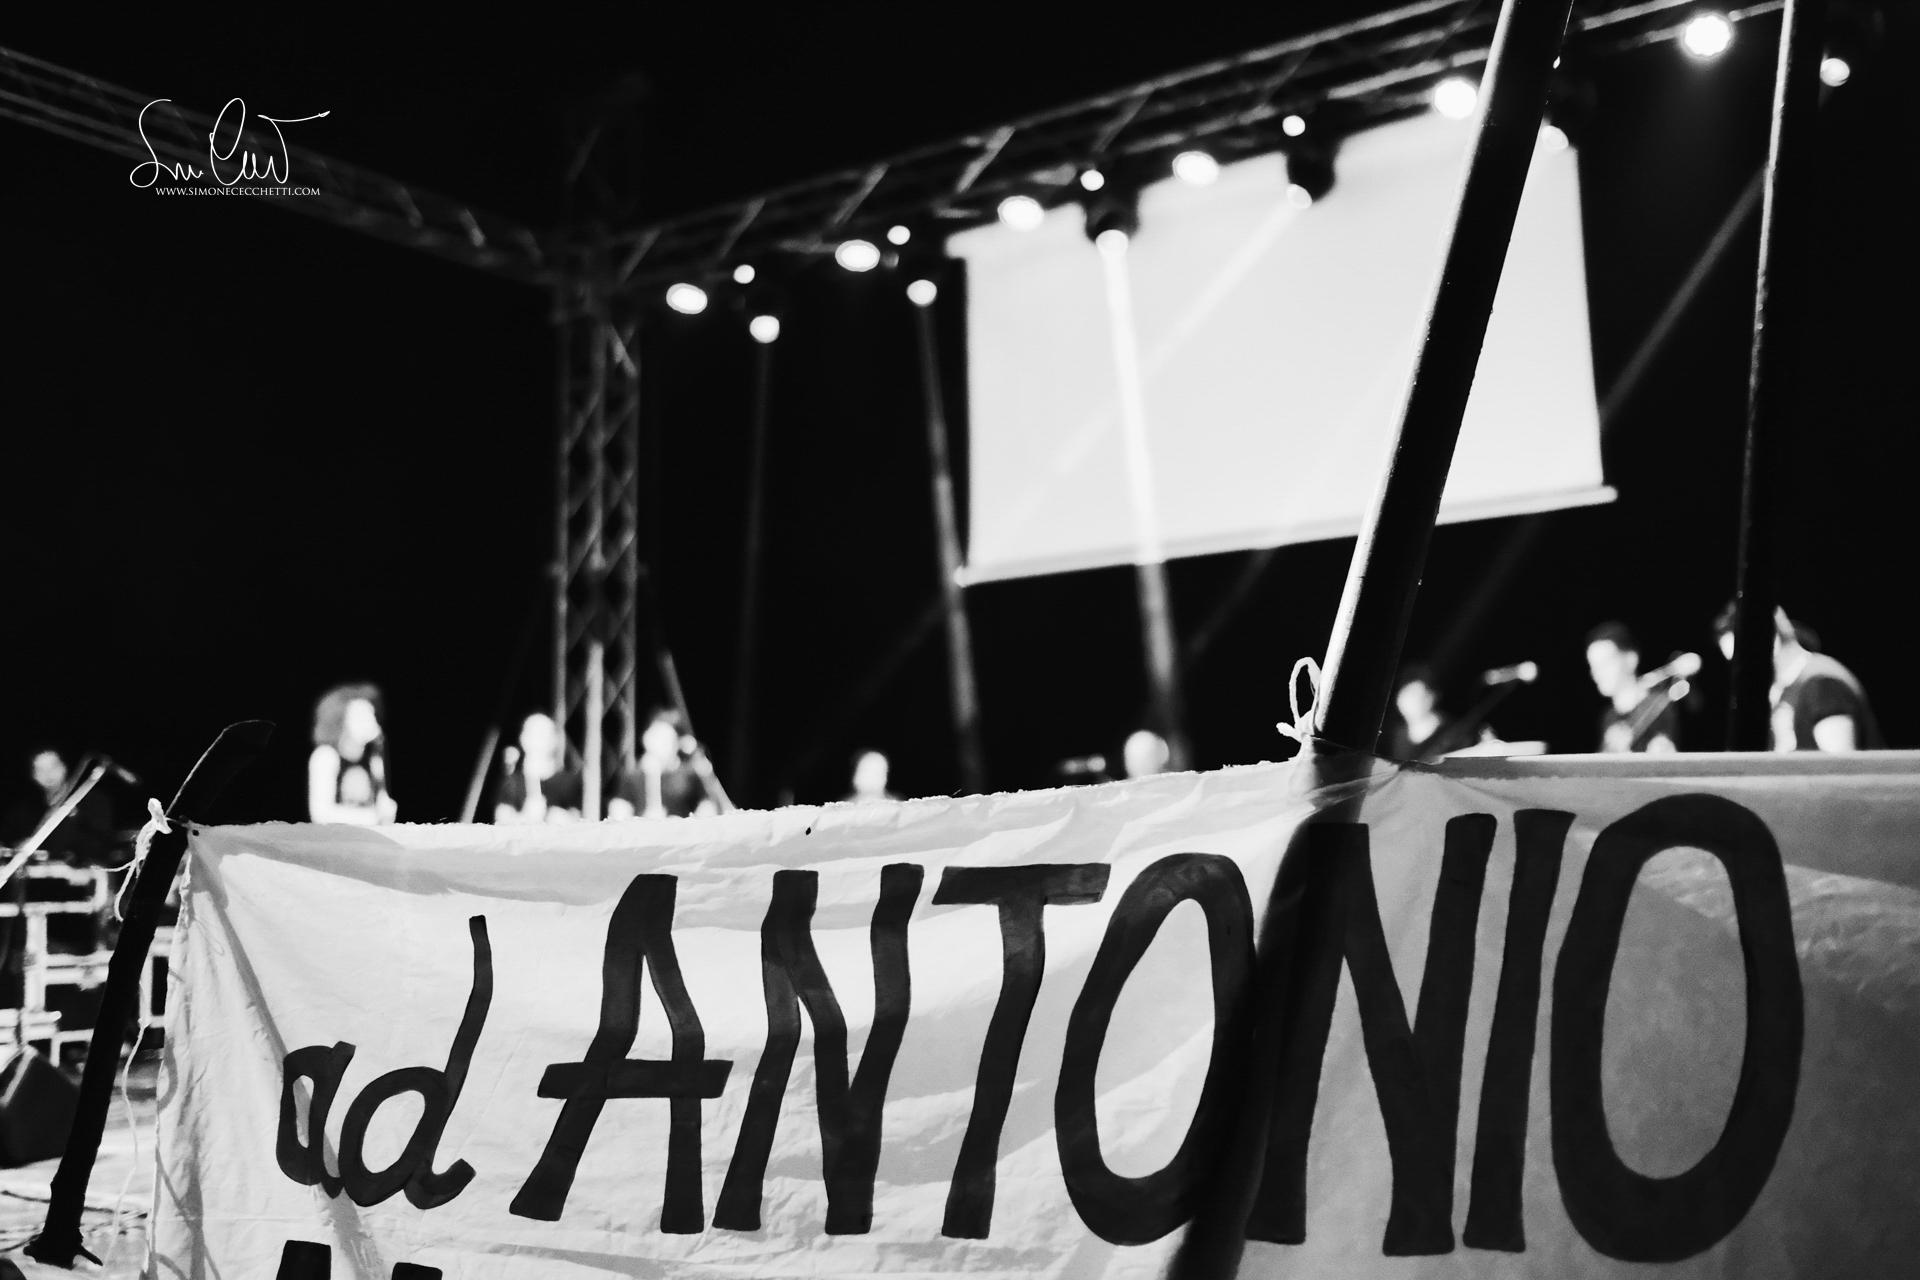 Vallone Cupo, Omaggio ad Antonio Infantino. Foto di Simone Cecchetti